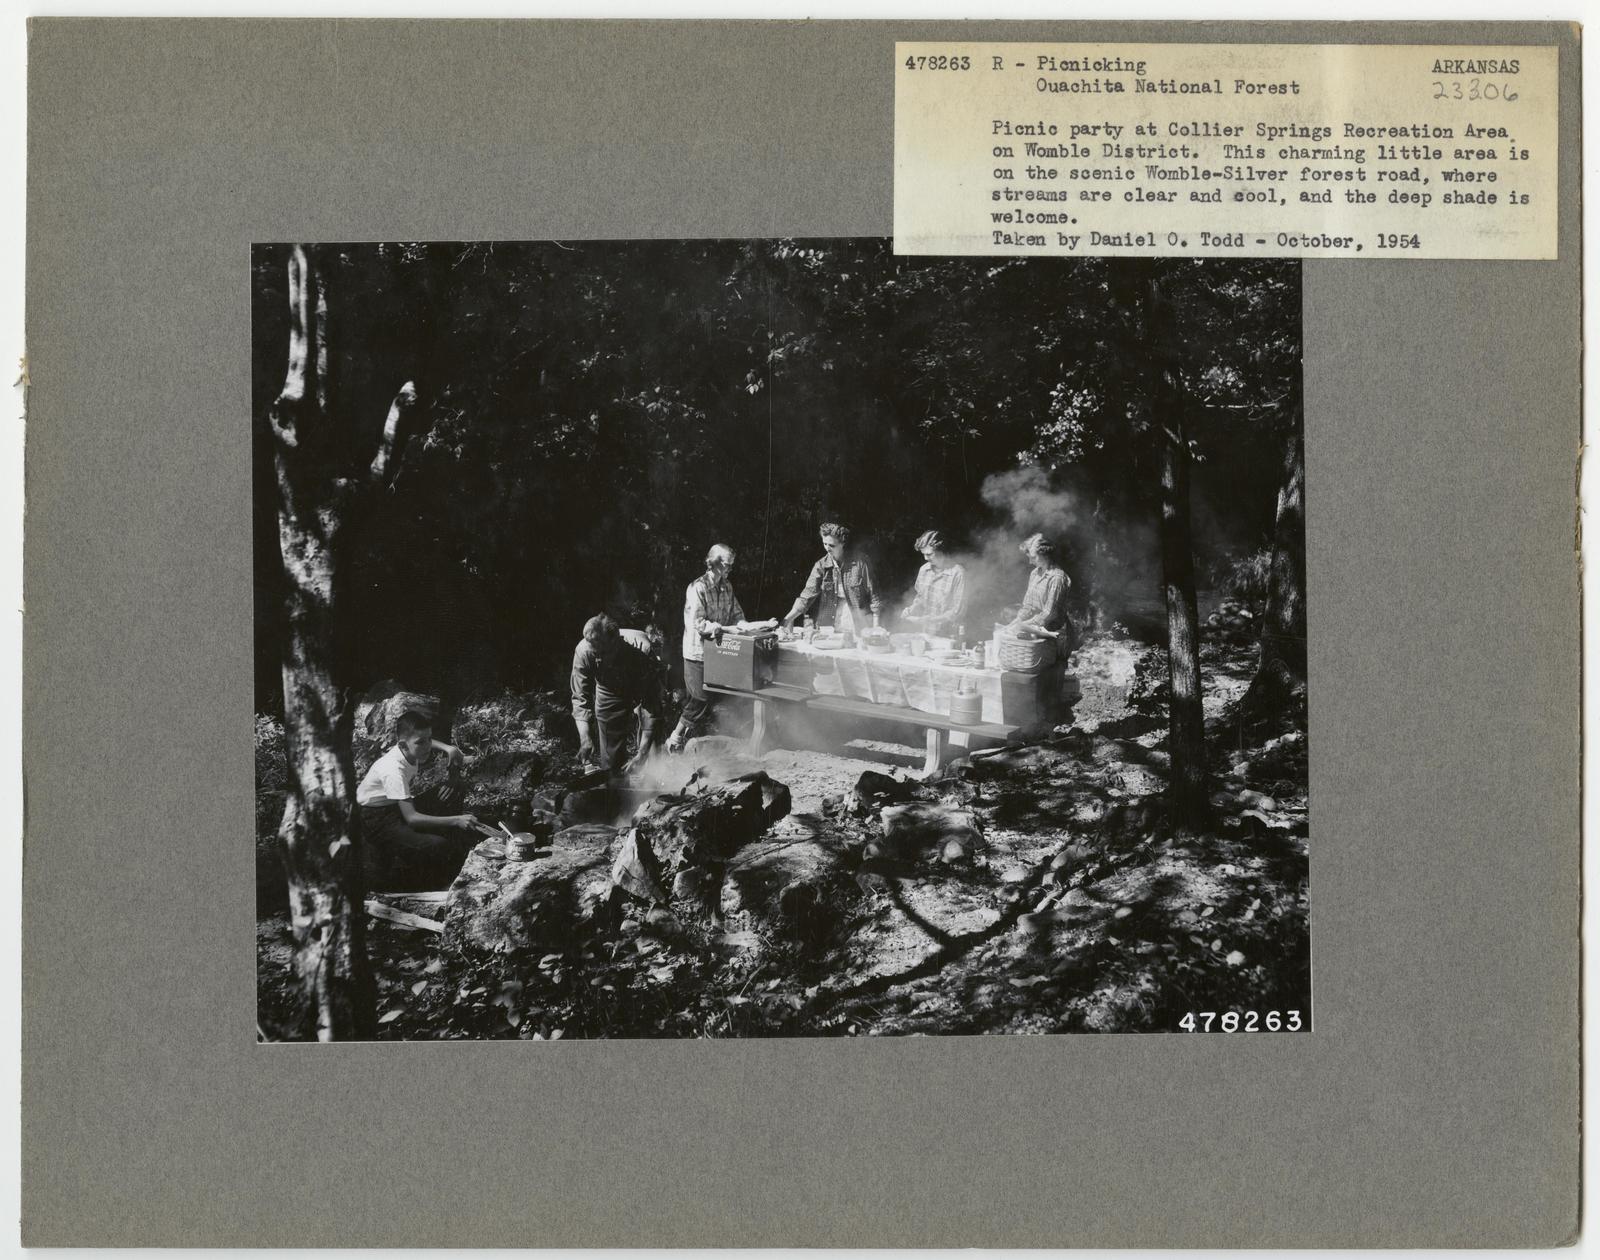 Camping and Picnicking - Arkansas